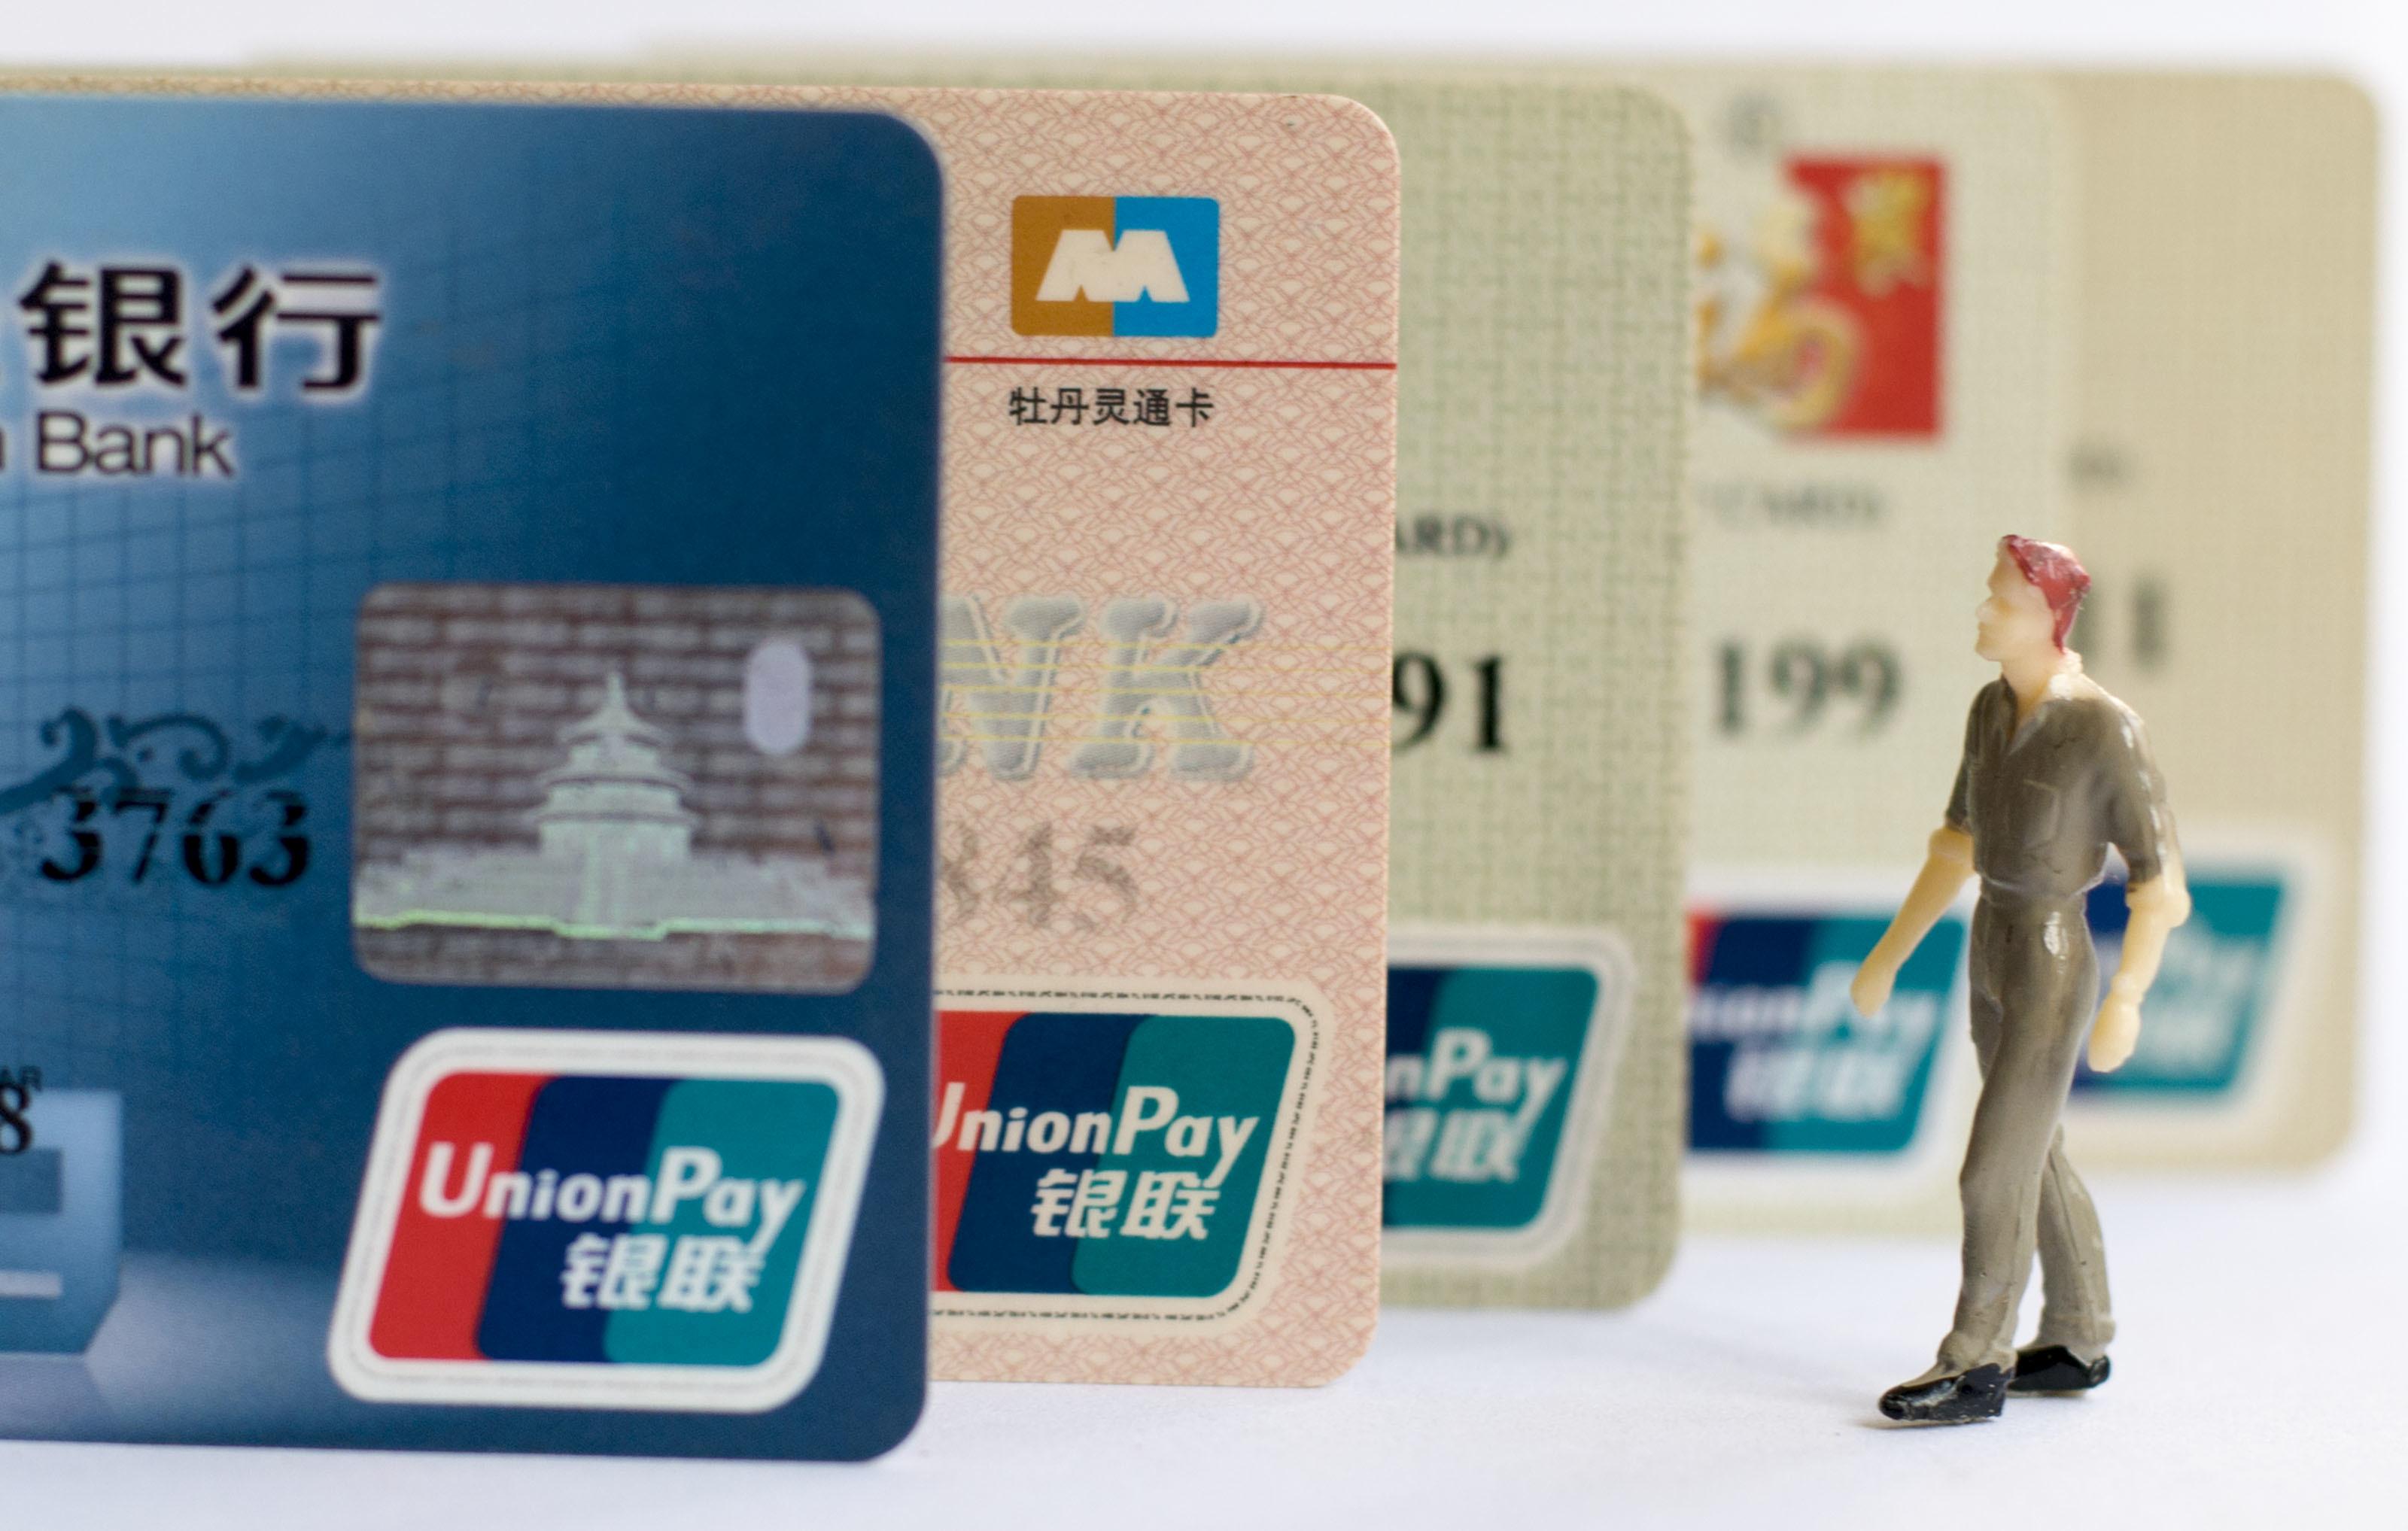 平安银行小道消息:旅游白信用卡70%要降额!名单已出!